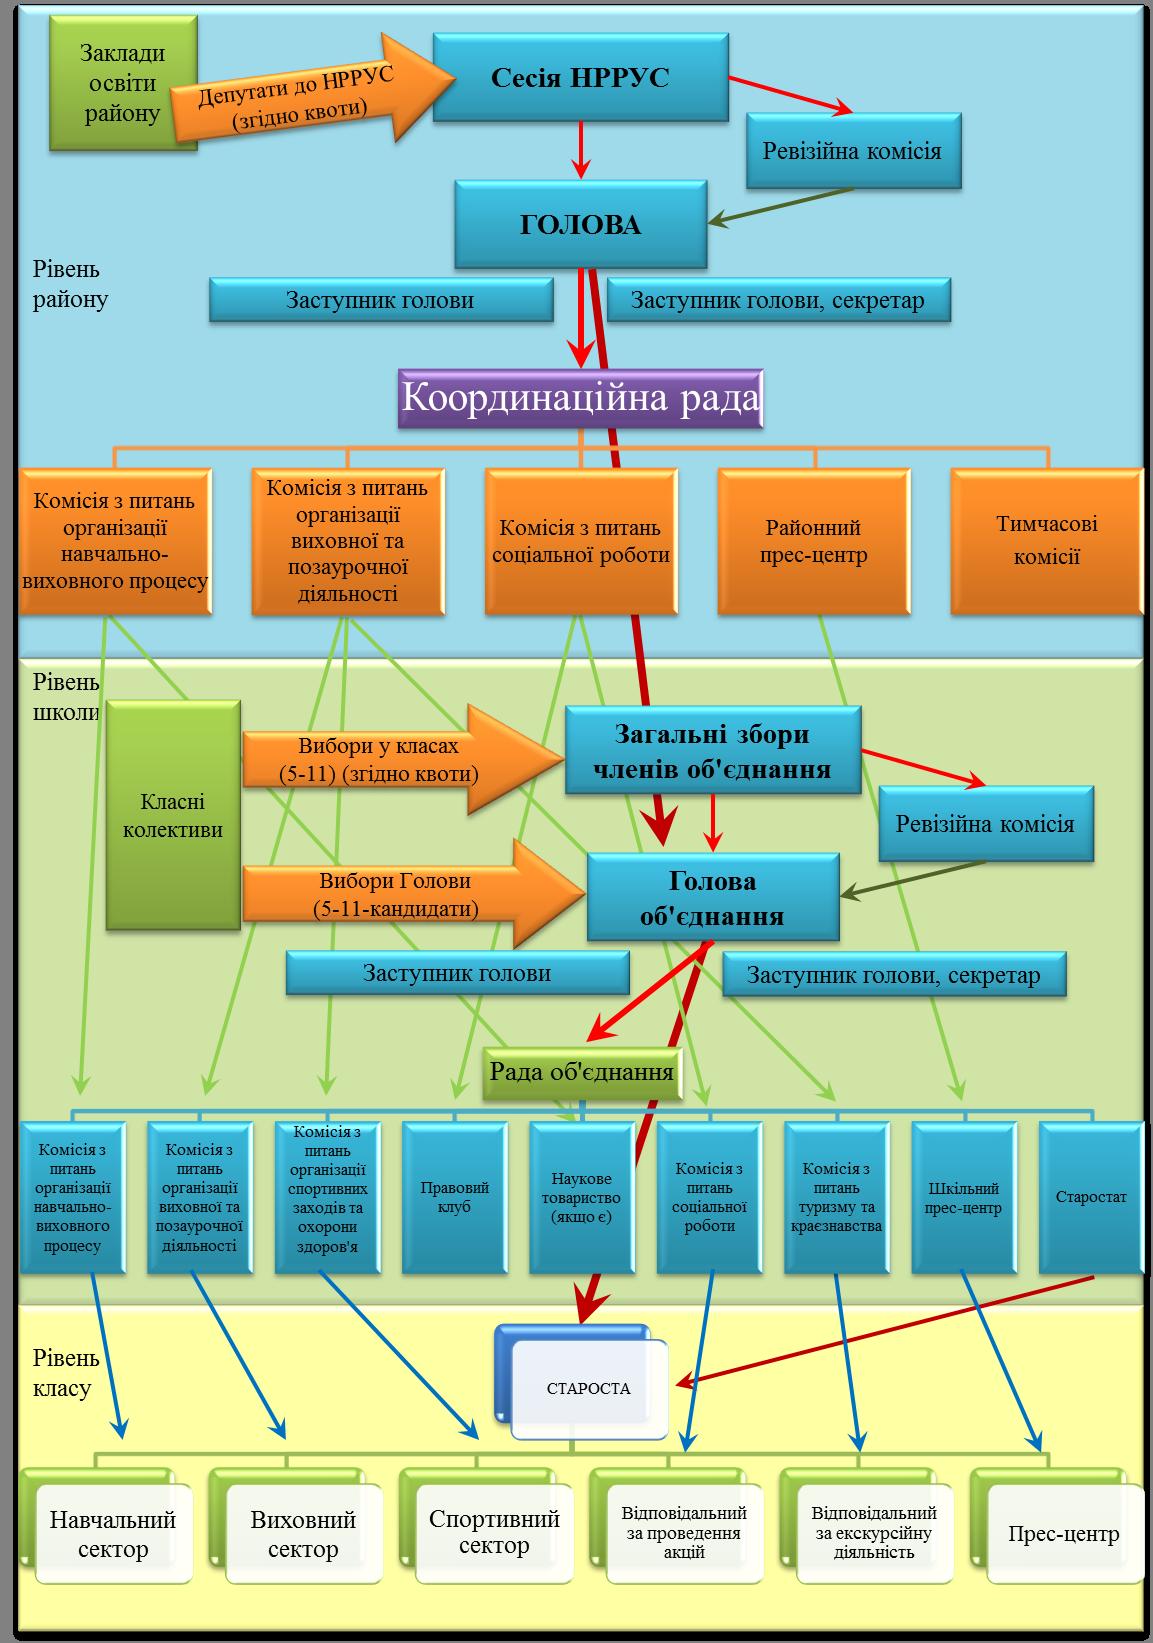 Структура НРРУС